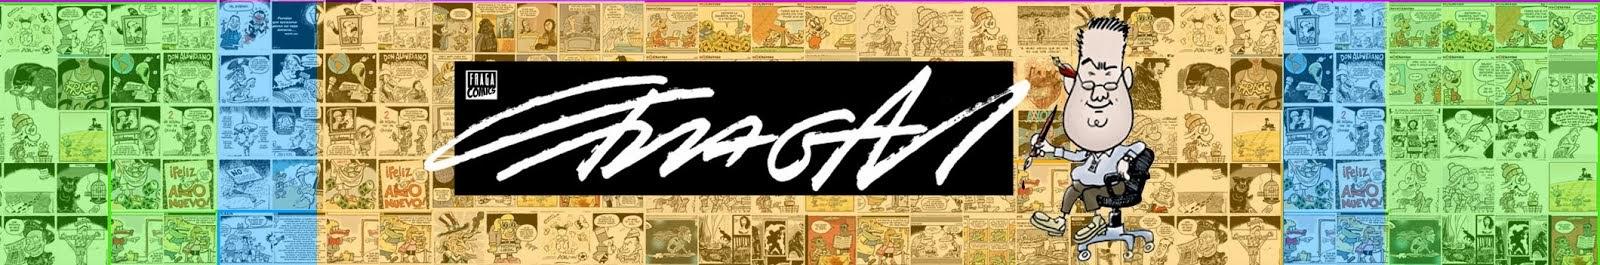 Fraga comics